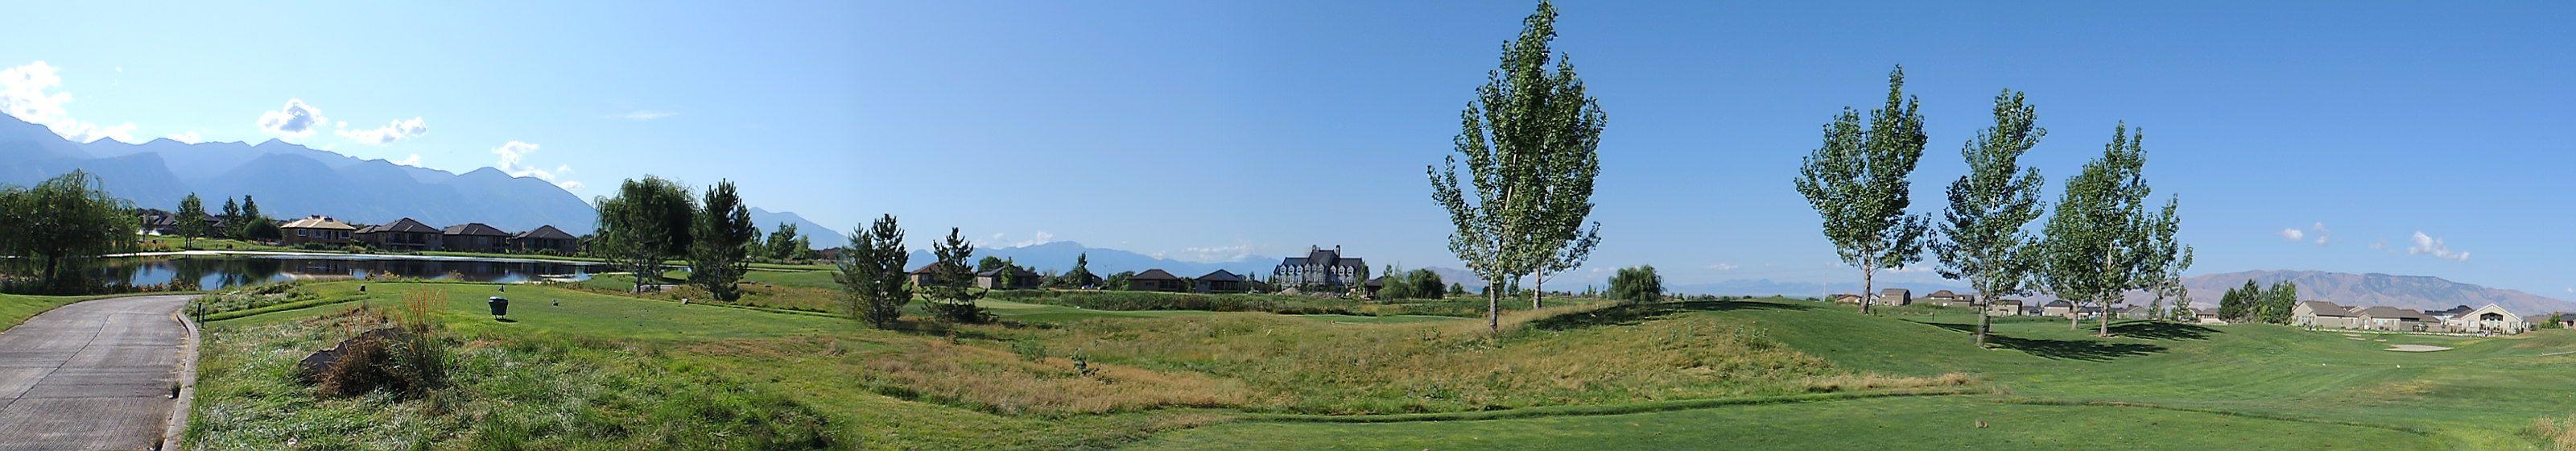 Sleepy Ridge Golf Course, Orem, Utah